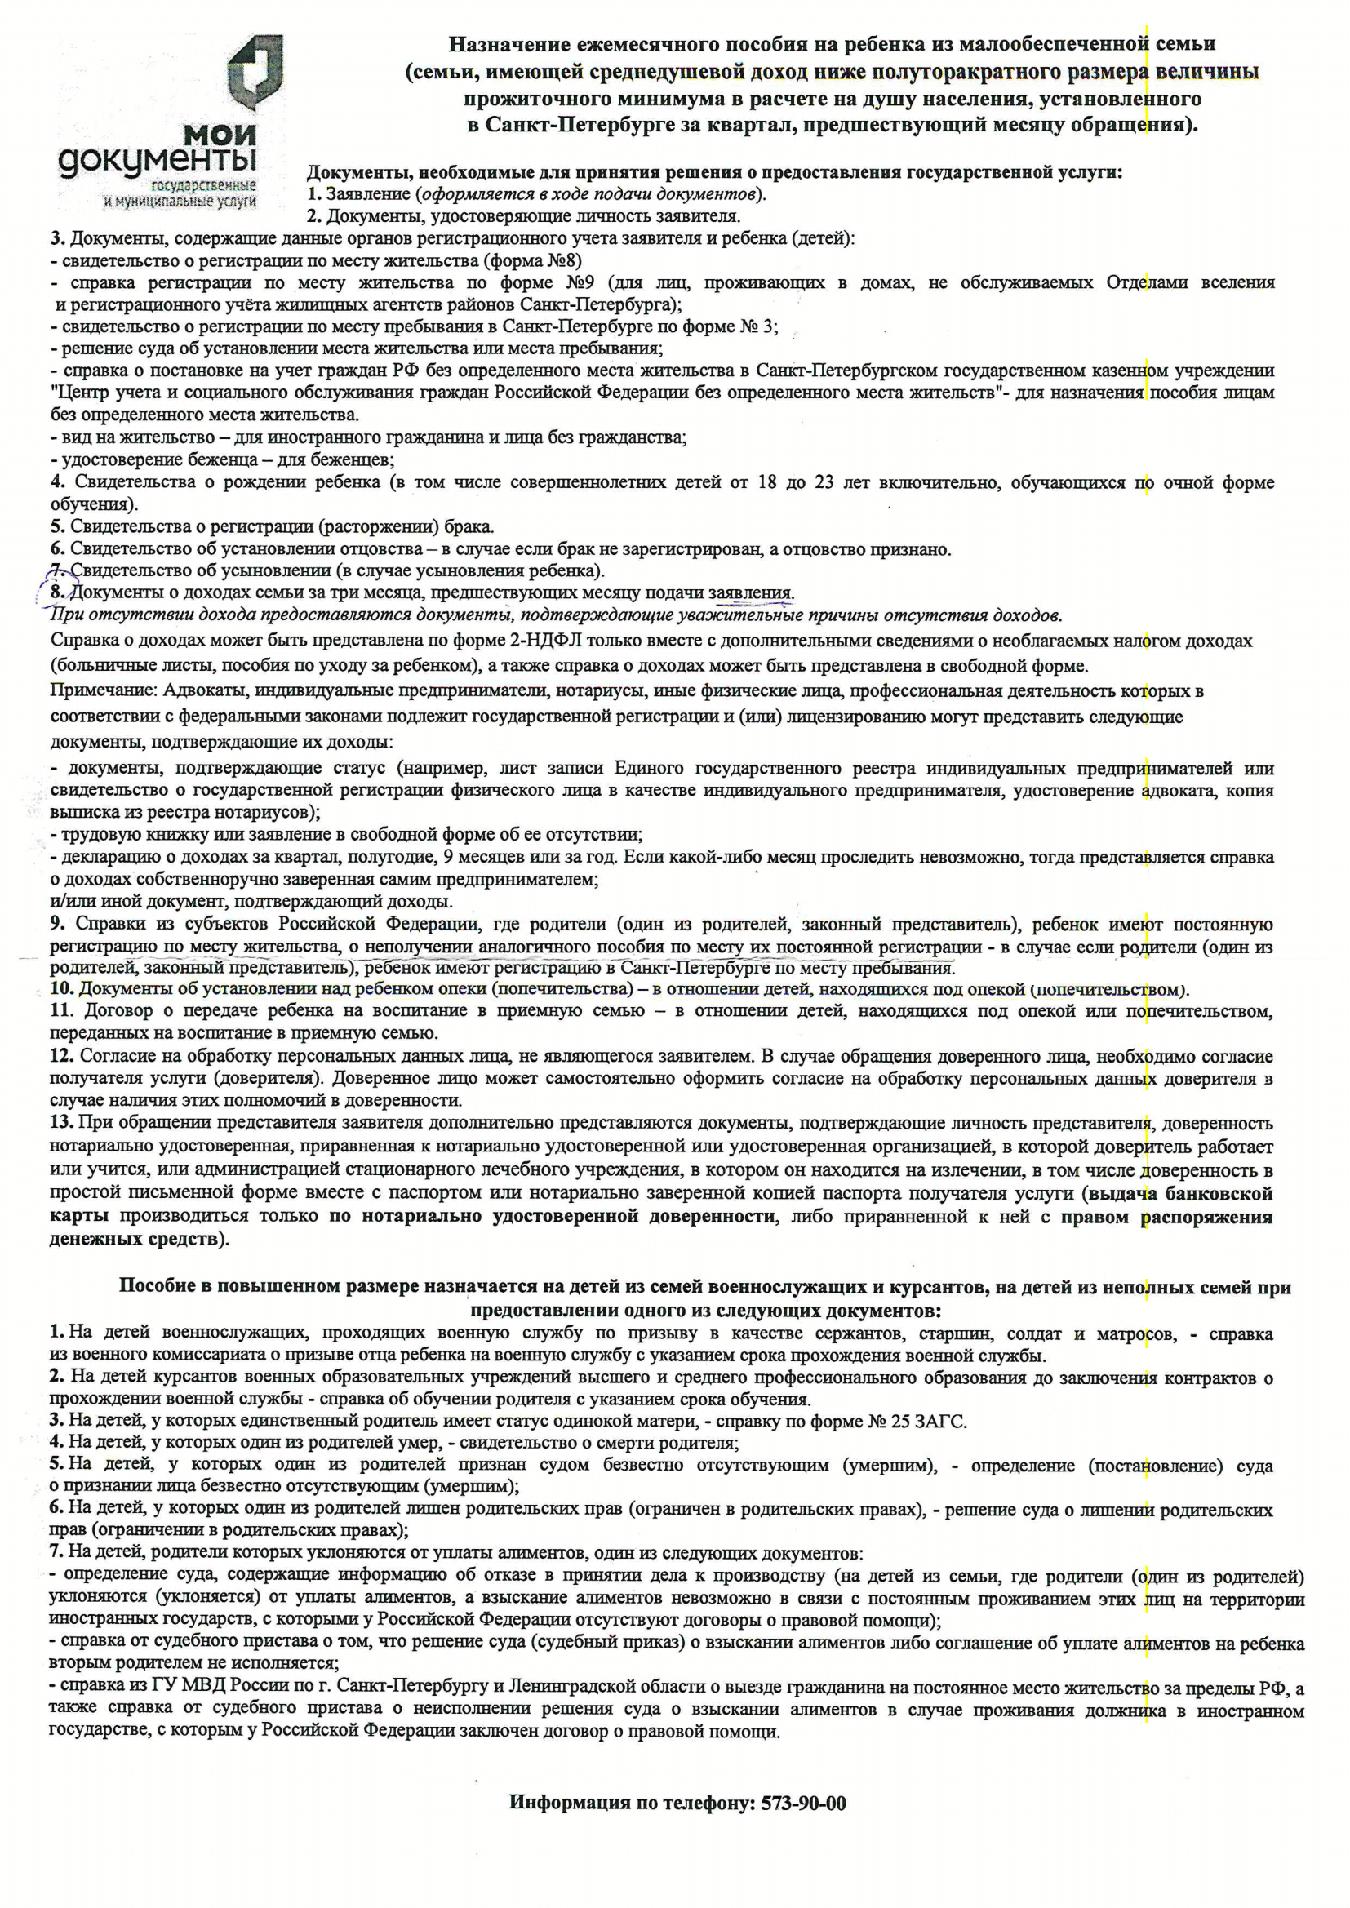 Это список с условиями назначения ежемесячного пособия по уходу за ребенком от полутора до семи лет. Я взяла его в МФЦ, чтобы собрать все нужные для{amp}amp;nbsp;пособия документы и ничего не забыть